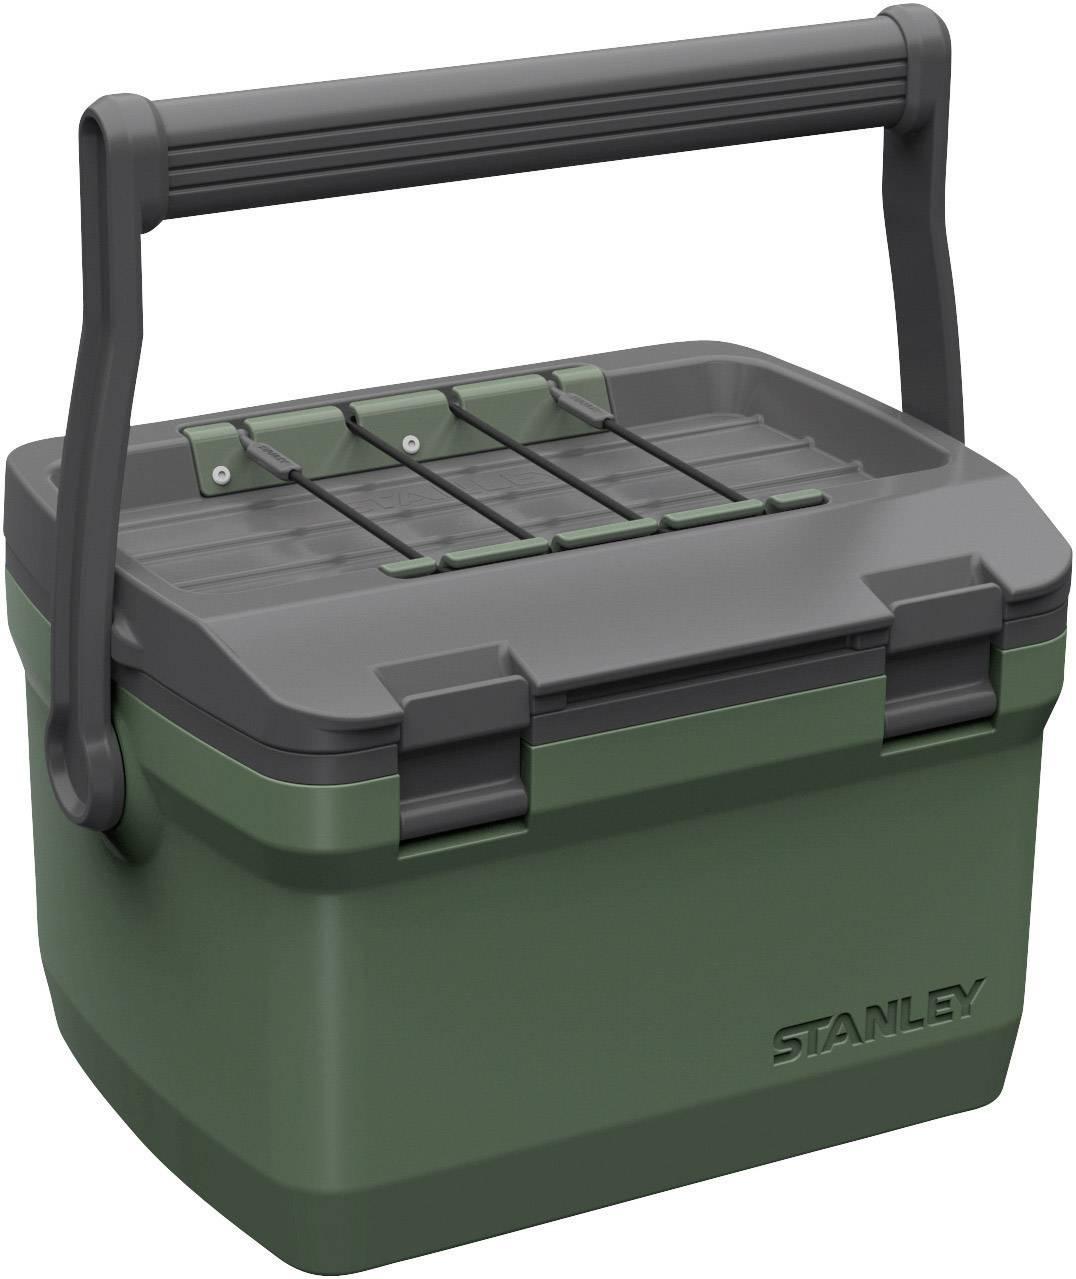 Prenosná chladnička (autochladnička) Stanley by Black & Decker Adventure, 6.6 l, zelená, sivá